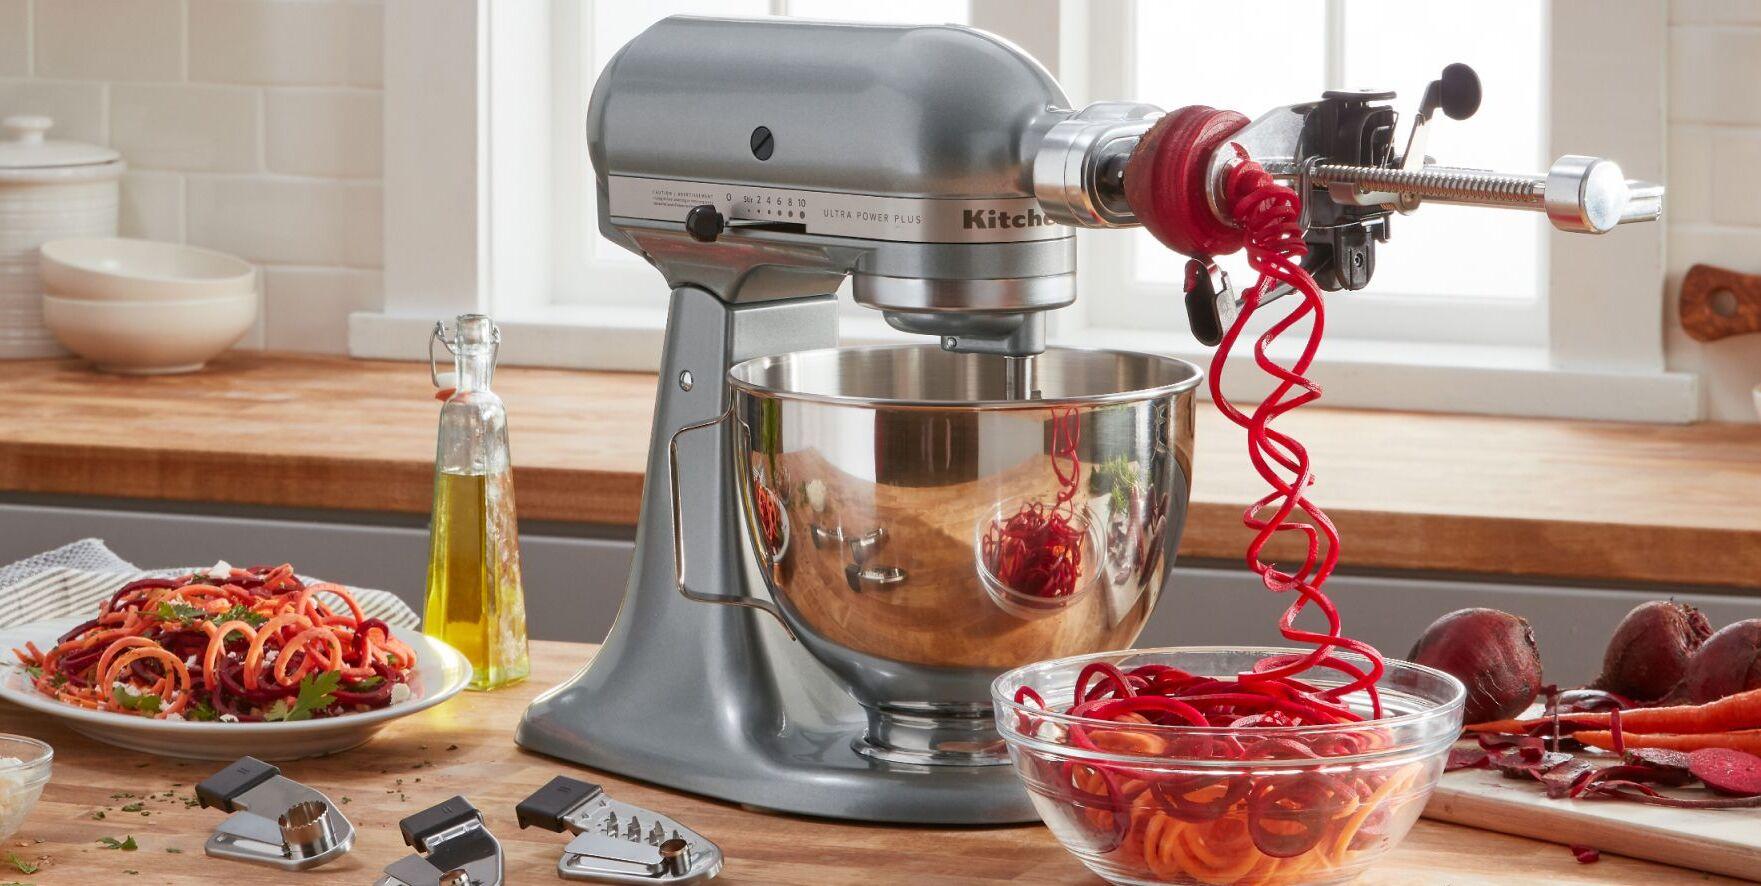 KitchenAid stand mixer with spiralizer attachment